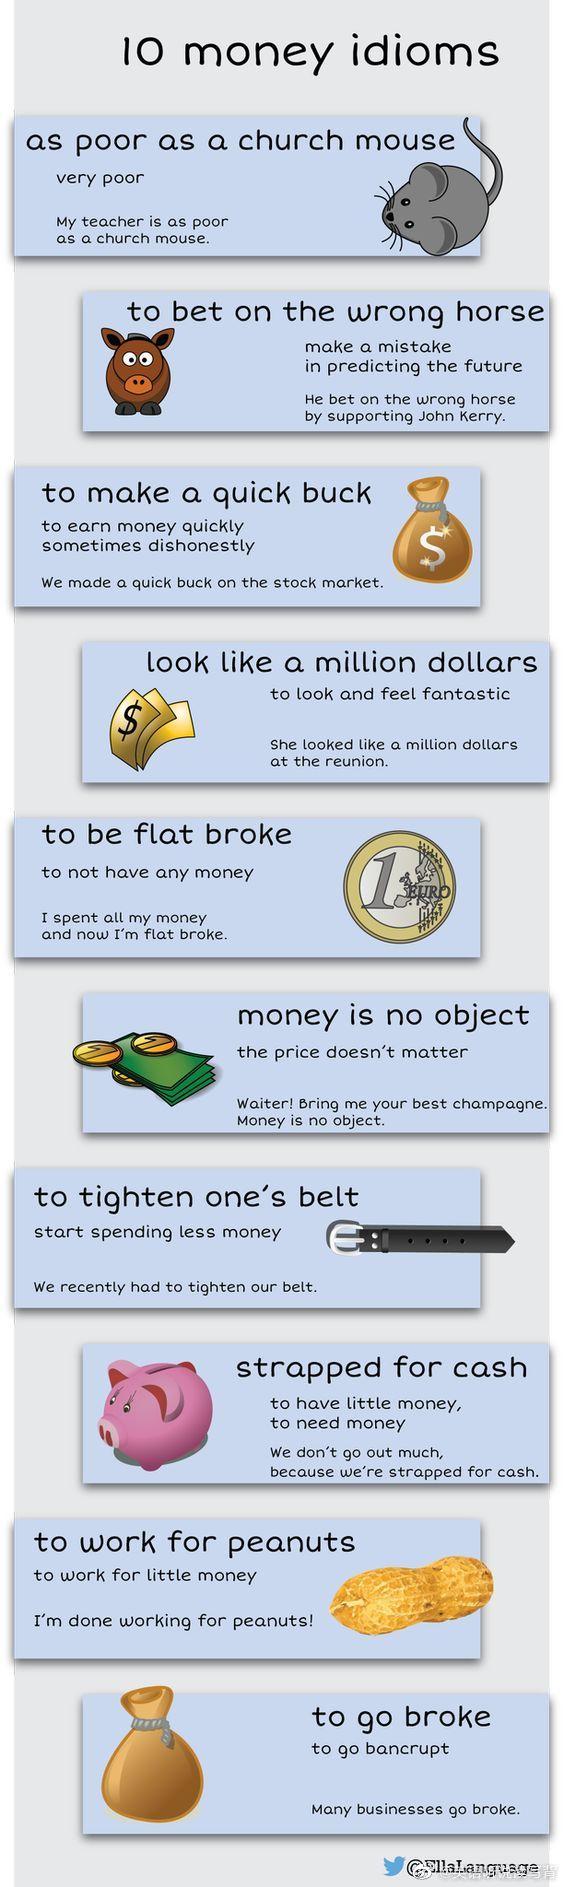 英语各种类俚语分类,你都知道哪些呢?